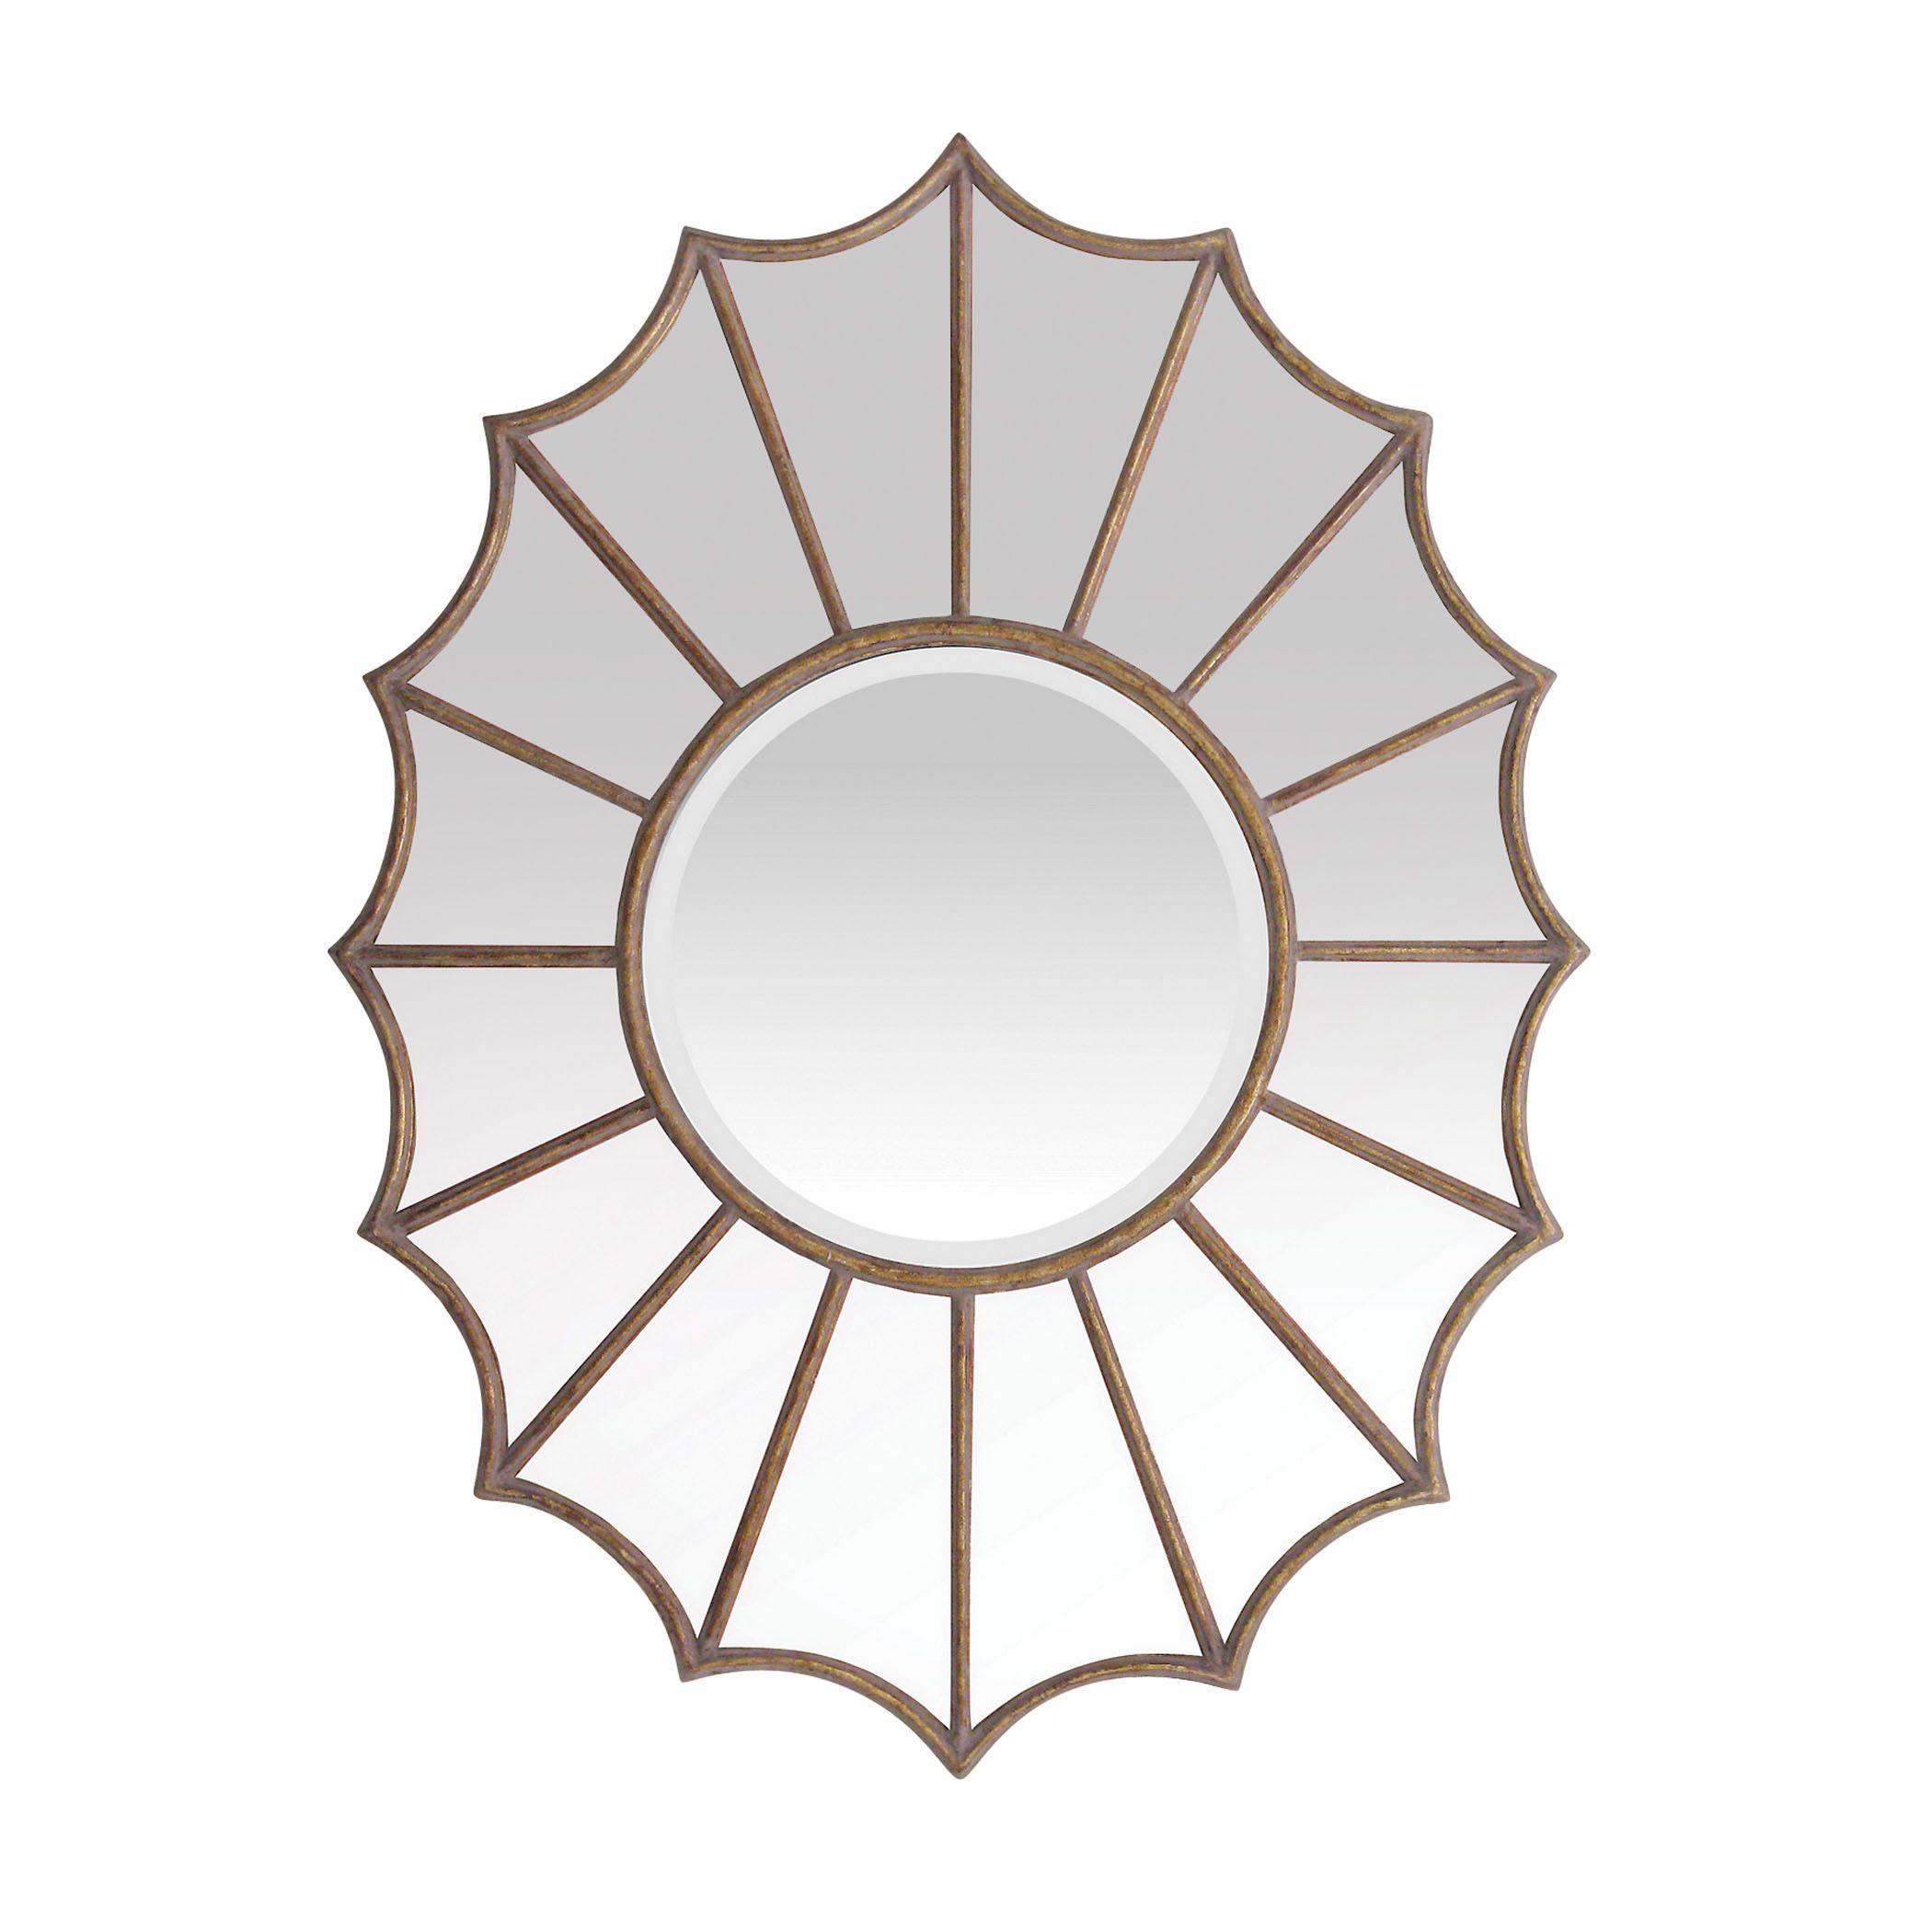 Sterling Industries Victoria Starburst Beveled Mirror